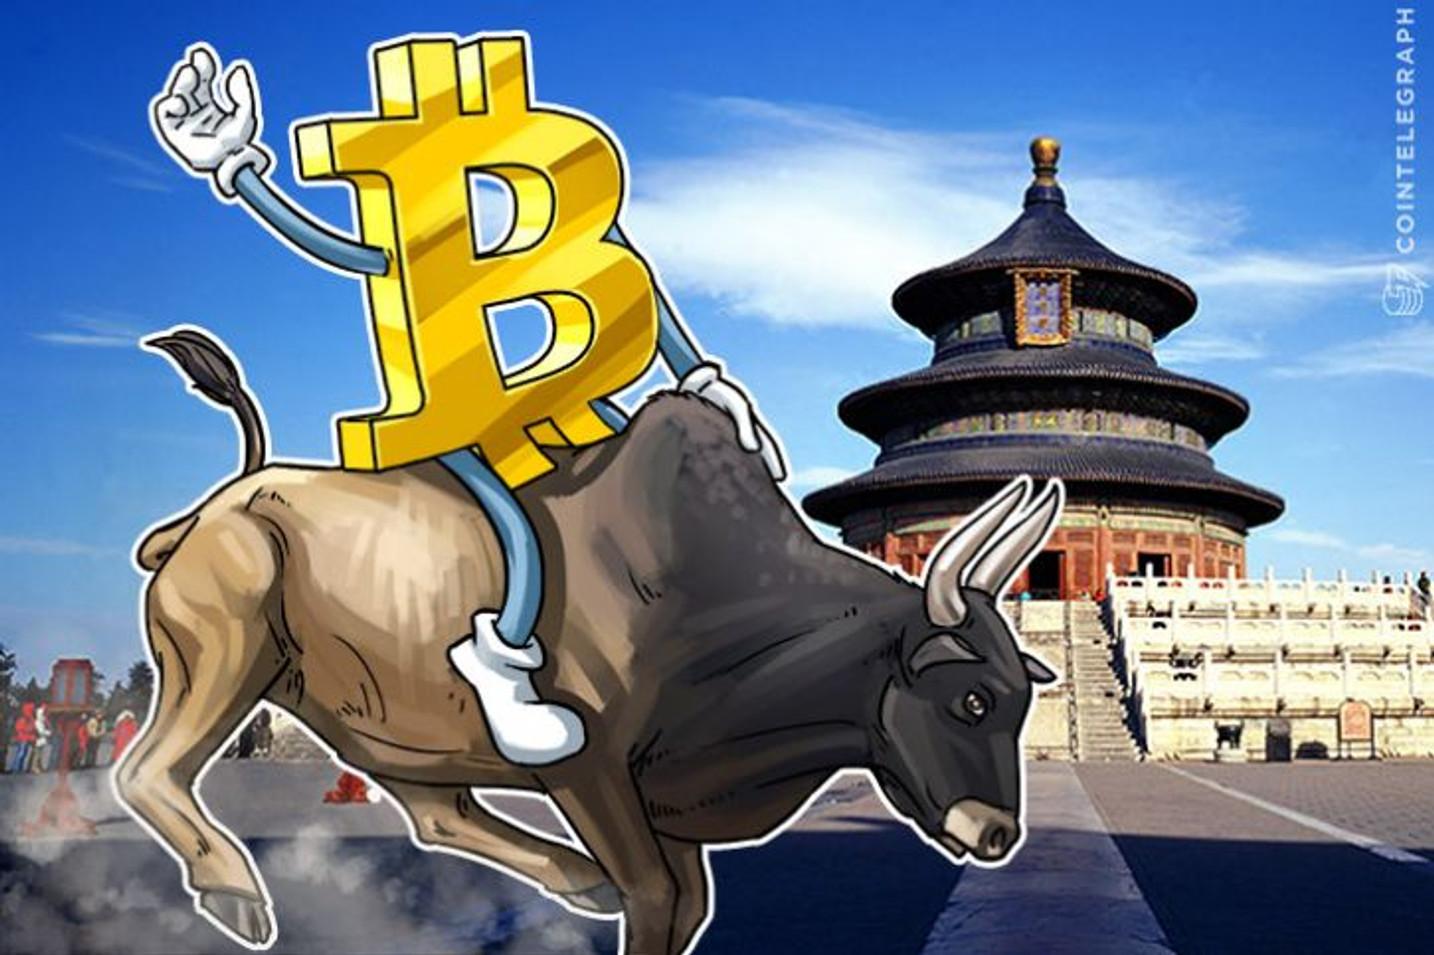 Cena bitkoina na kineskim menjačnicama obara rekord